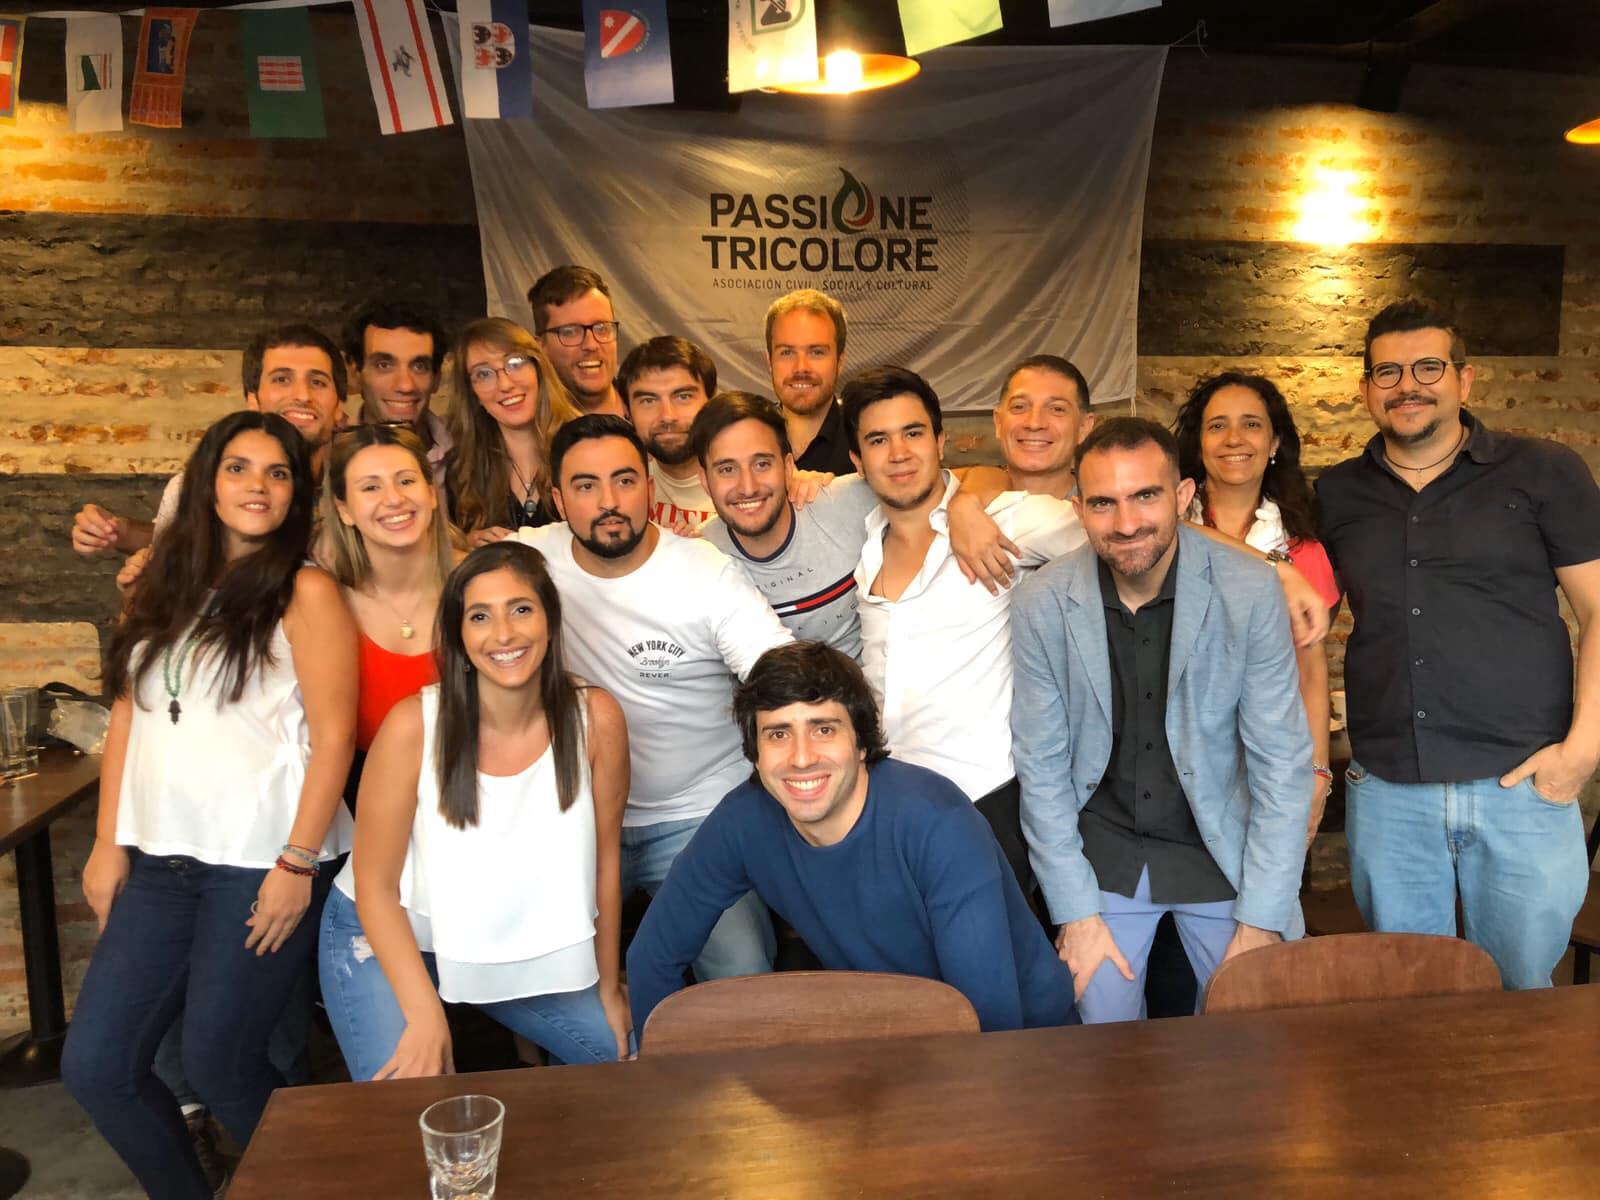 Passione Tricolore - Passione Tricolore Grupo De Jovenes